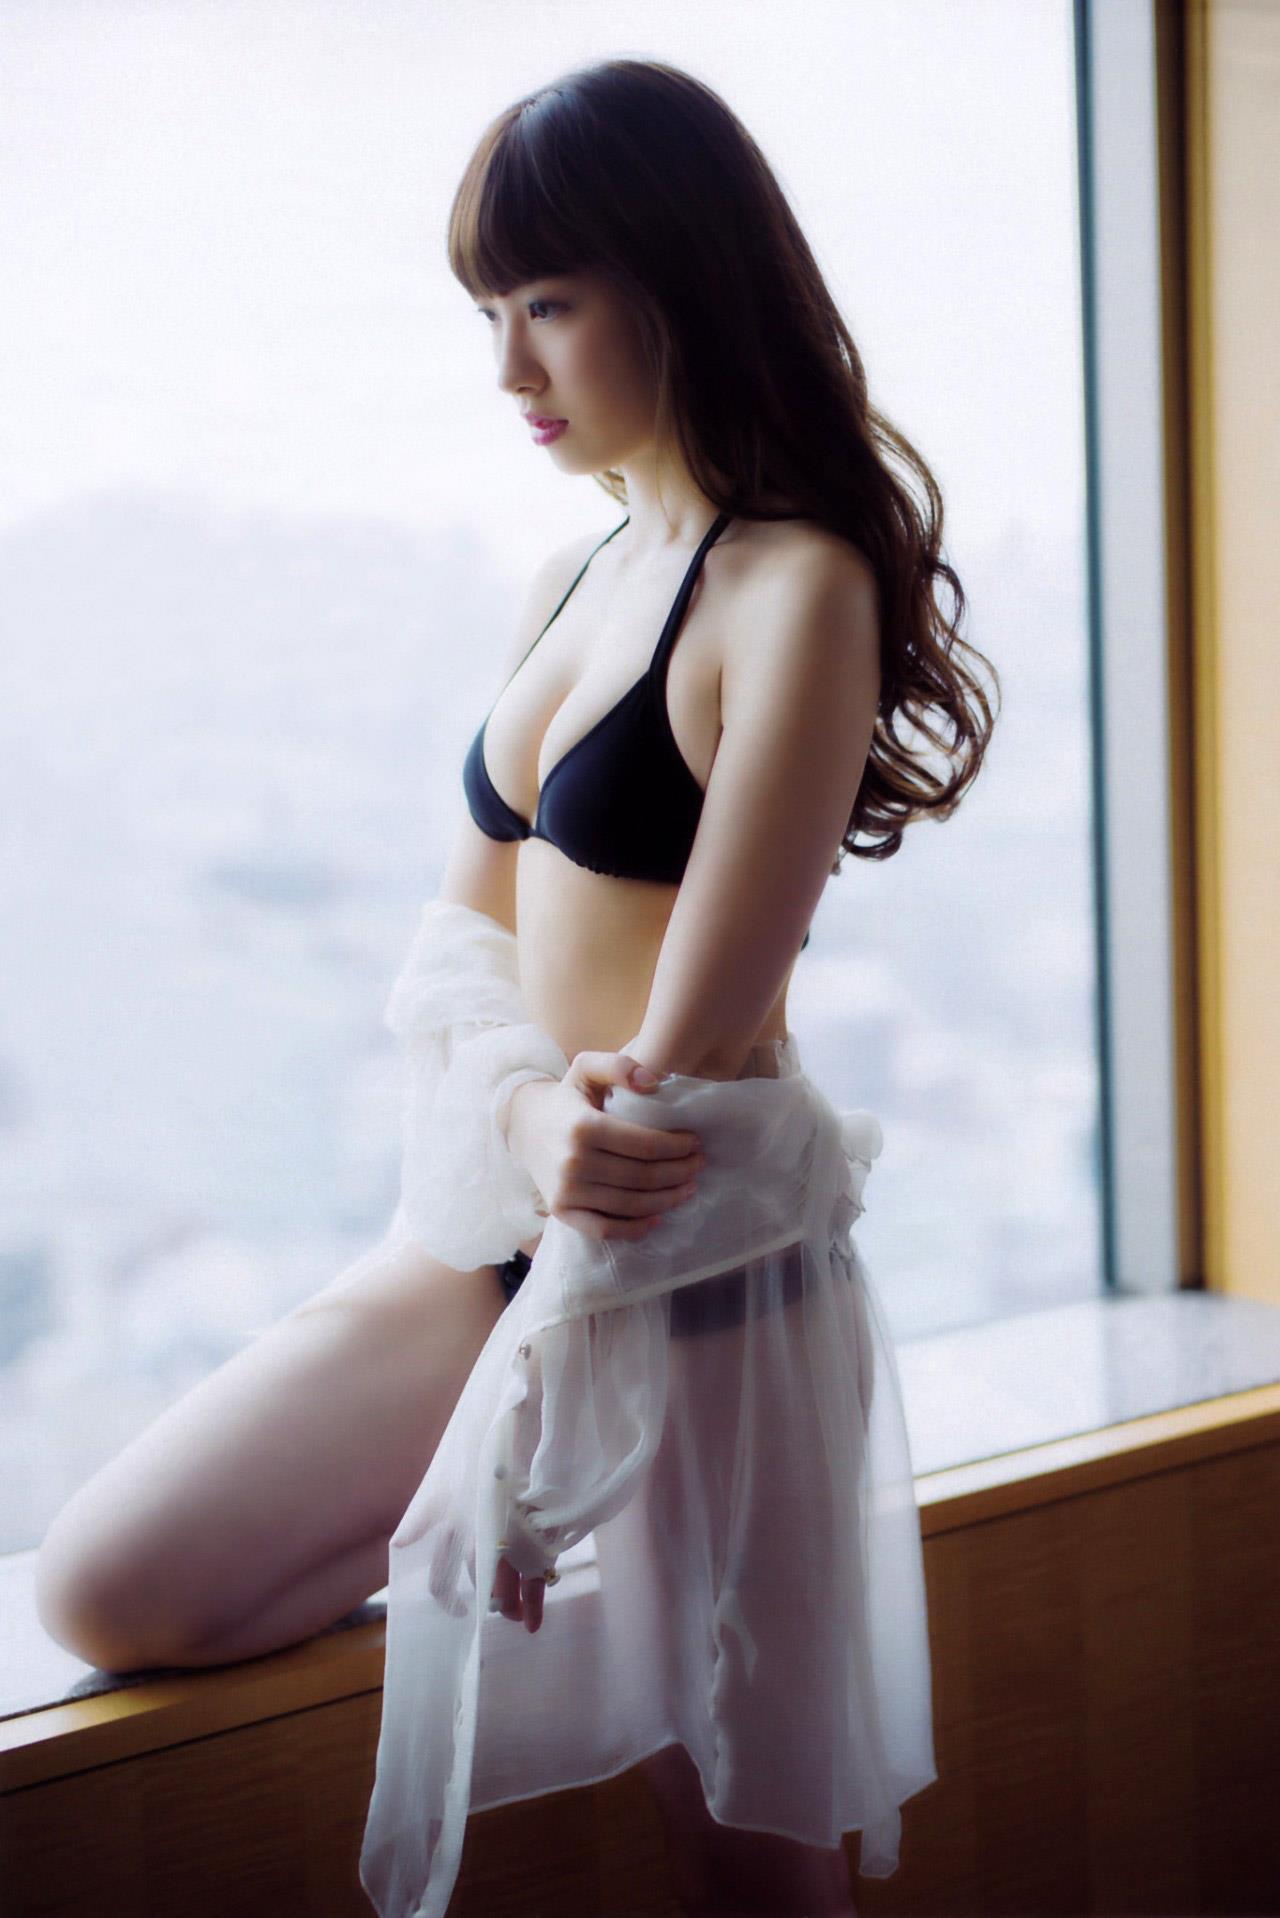 小嶋陽菜 画像 31